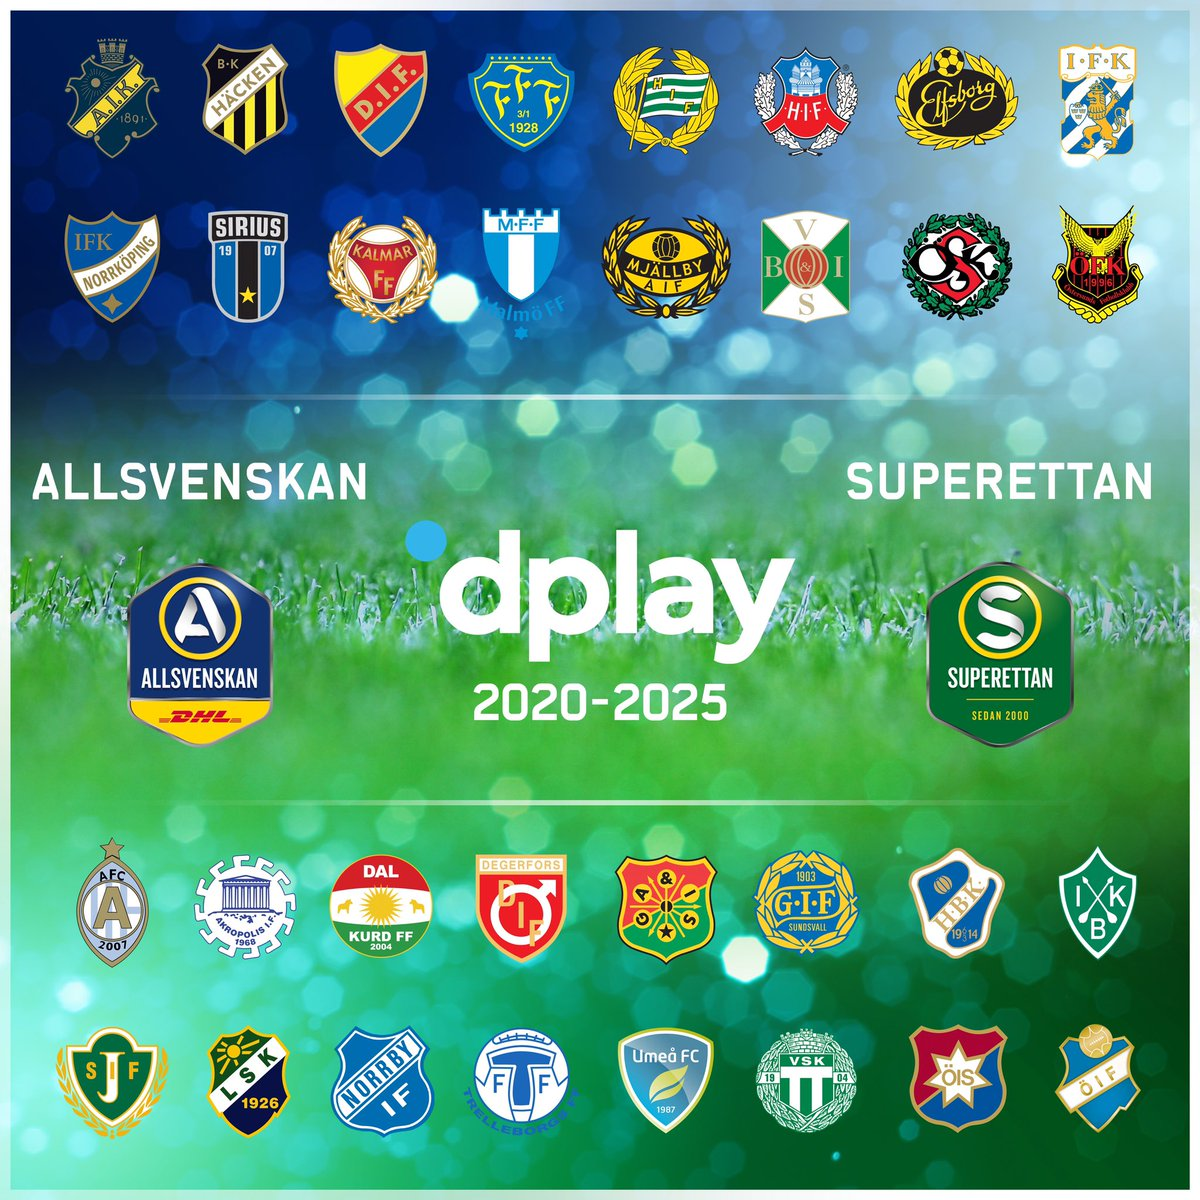 Dplay Sport On Twitter 2020 Blir Ett Bra Ar